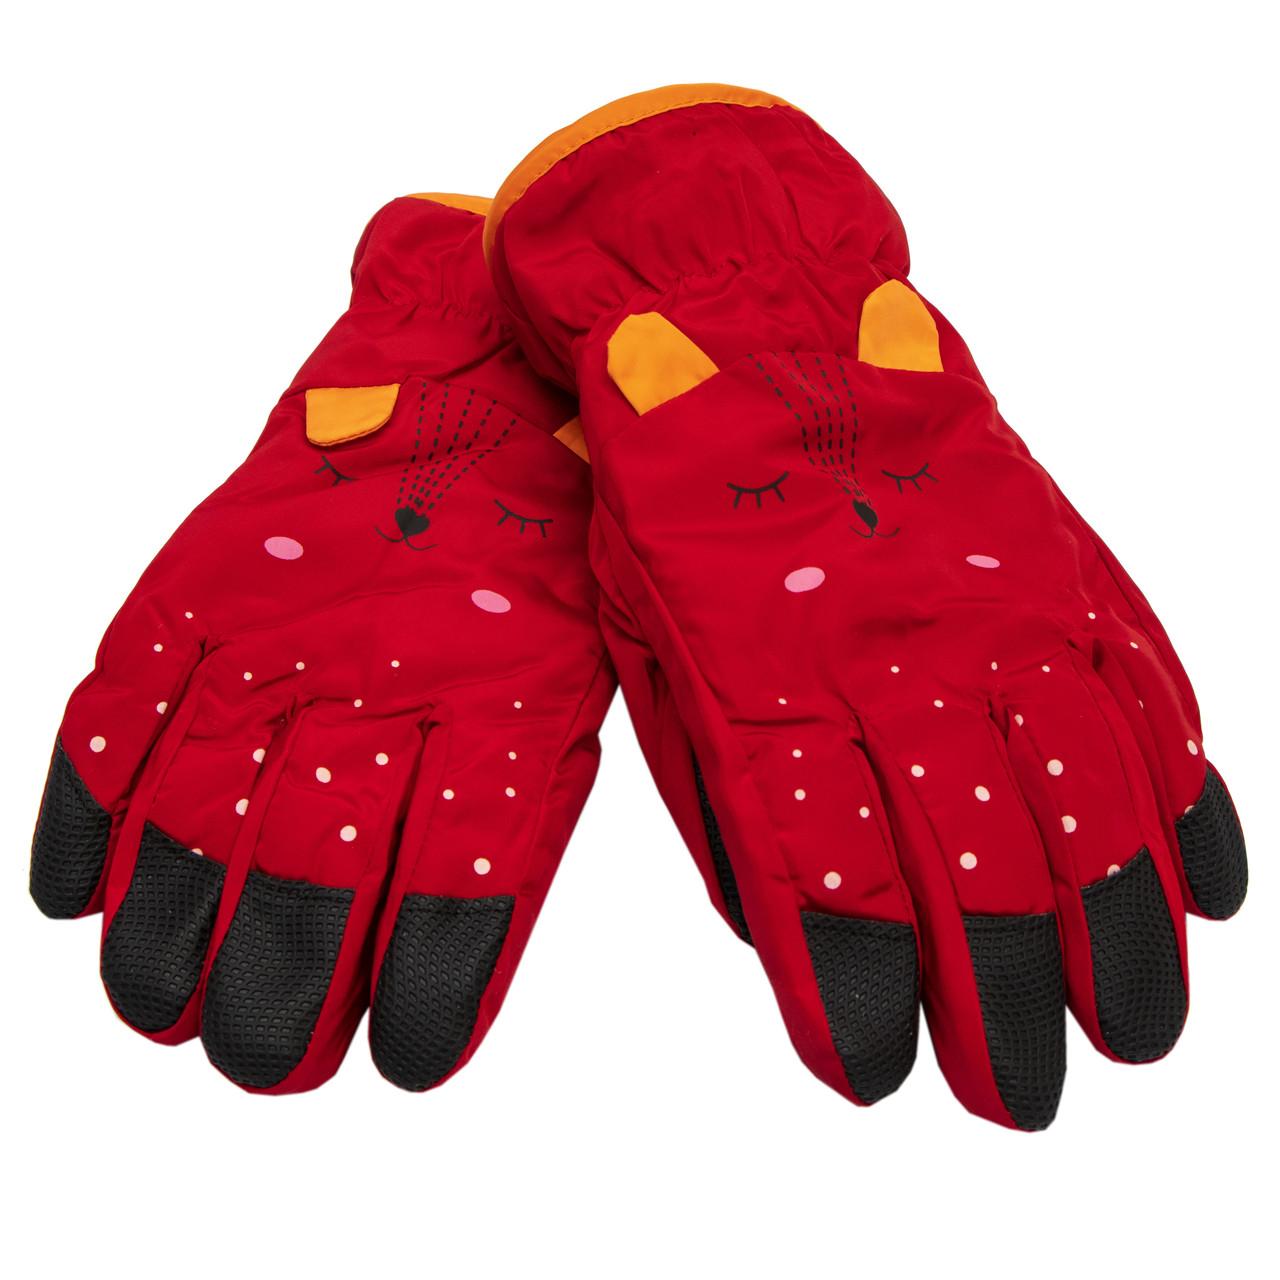 Водовідштовхуючі  дитячі лижні рукавички, розмір 14, червоний, плащівка, фліс, синтепон (516970)